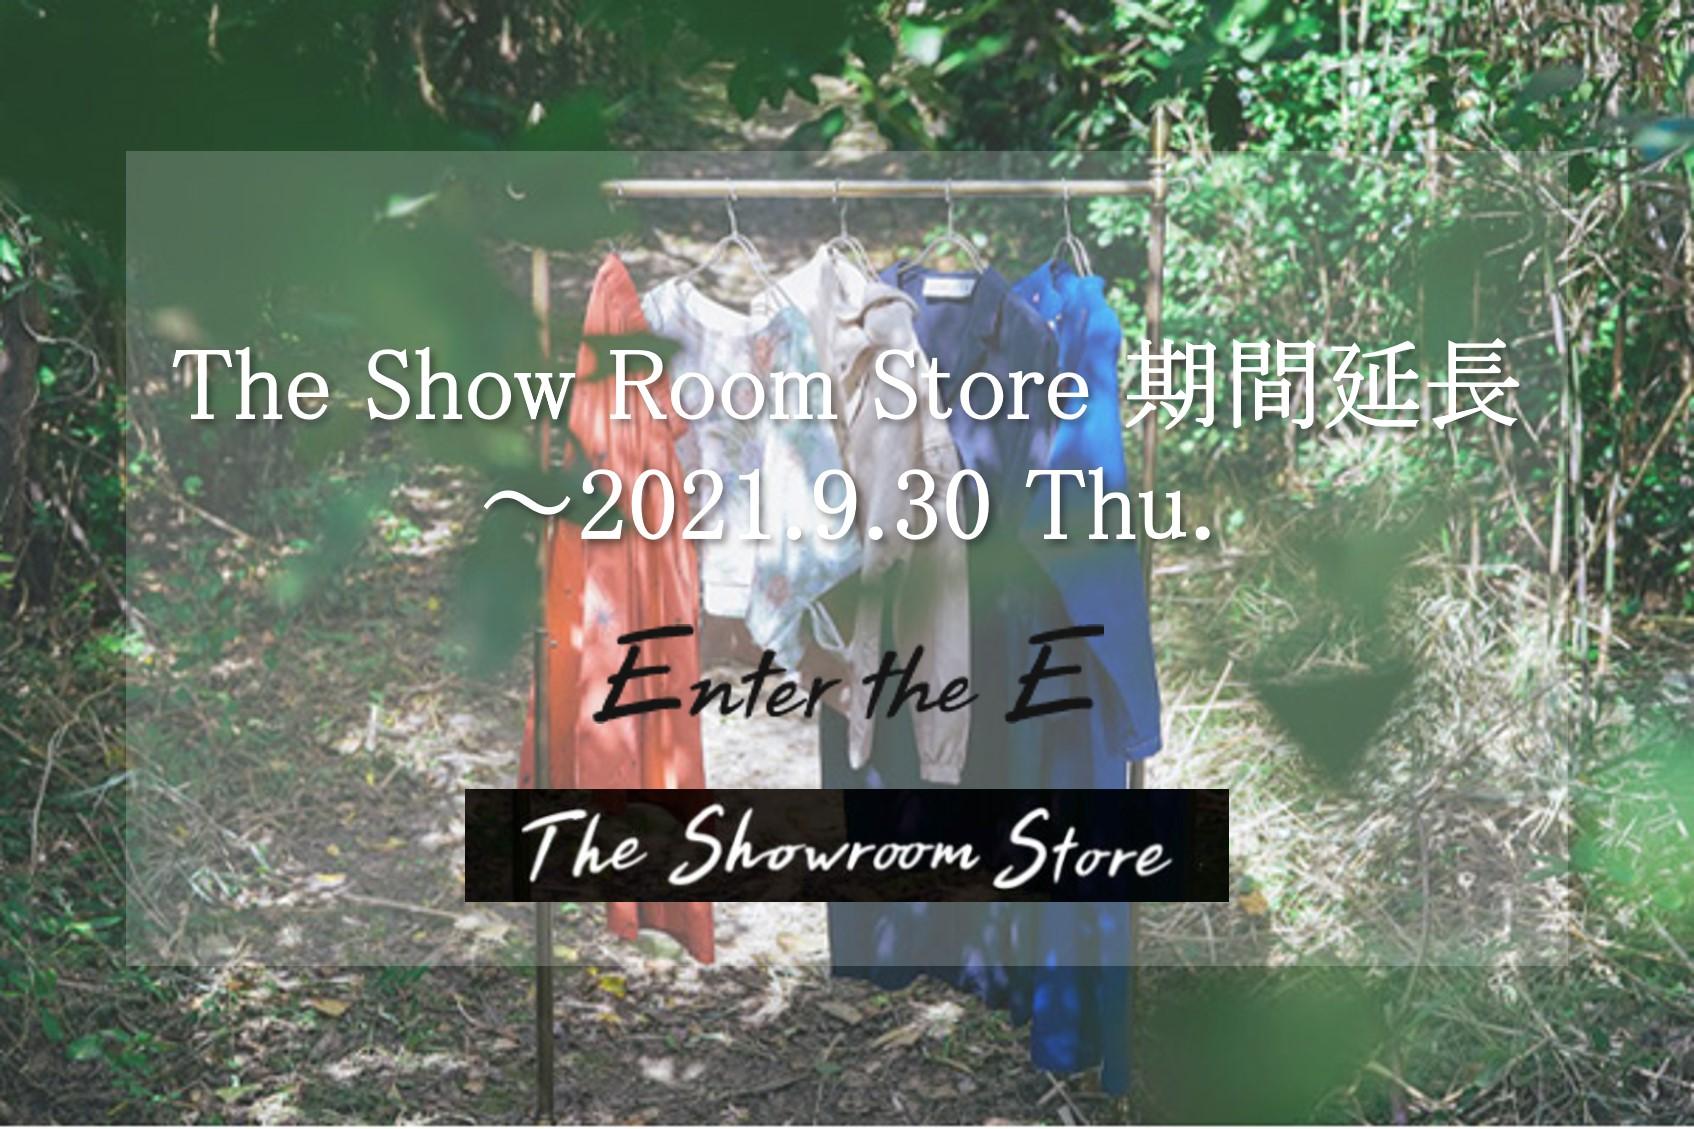 The Showroom Store 期間延長のお知らせ